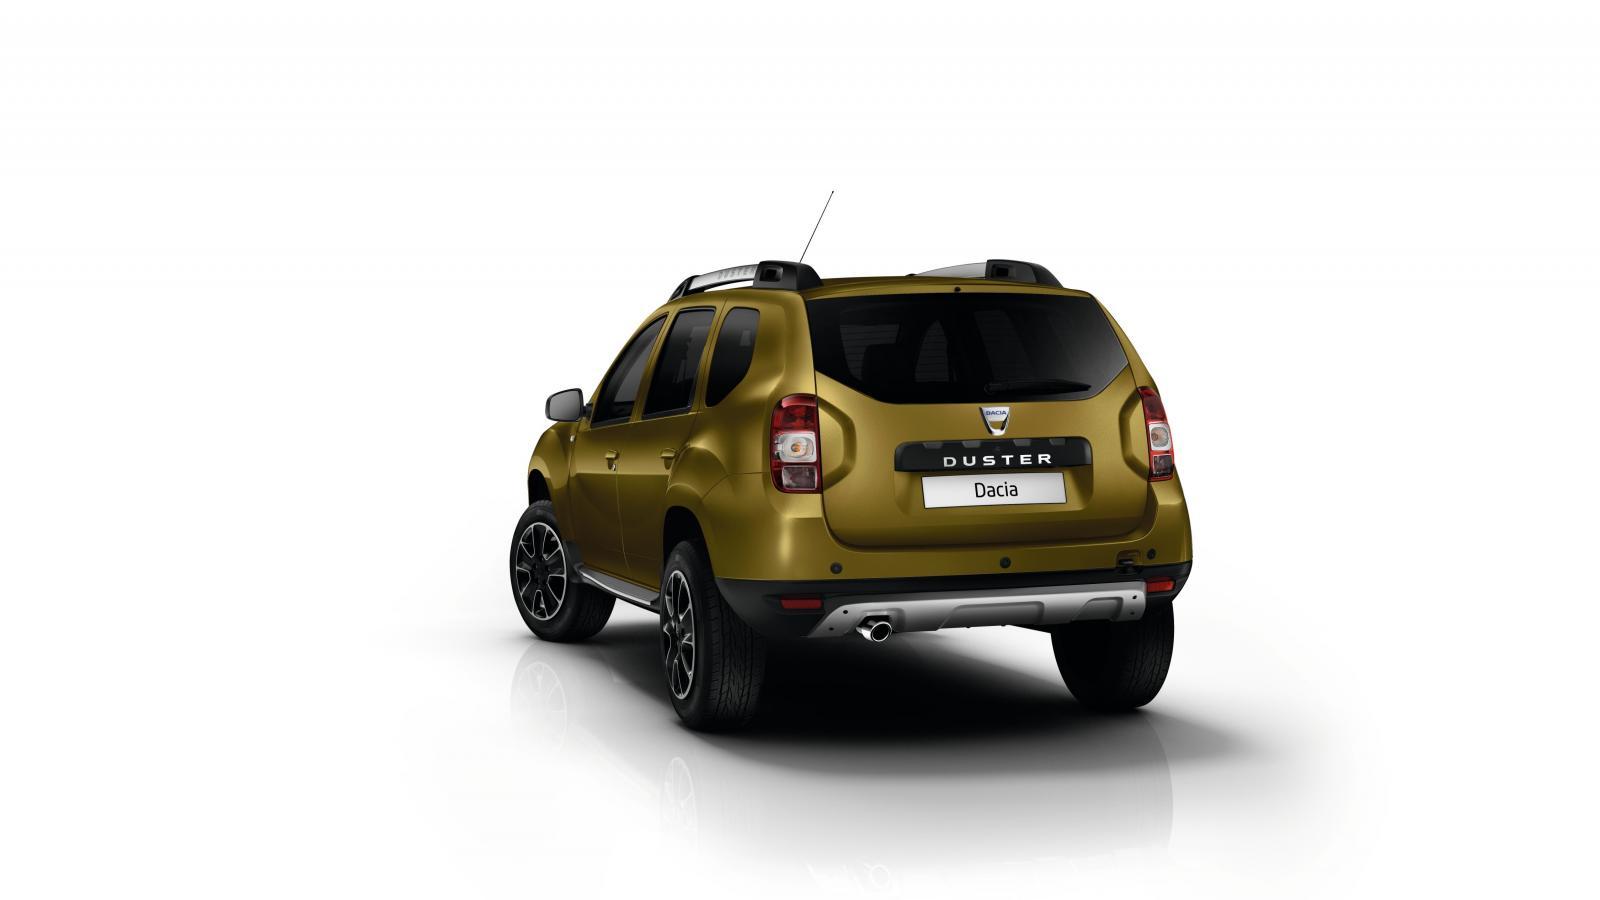 2016 Dacia Duster rear quarter press shots